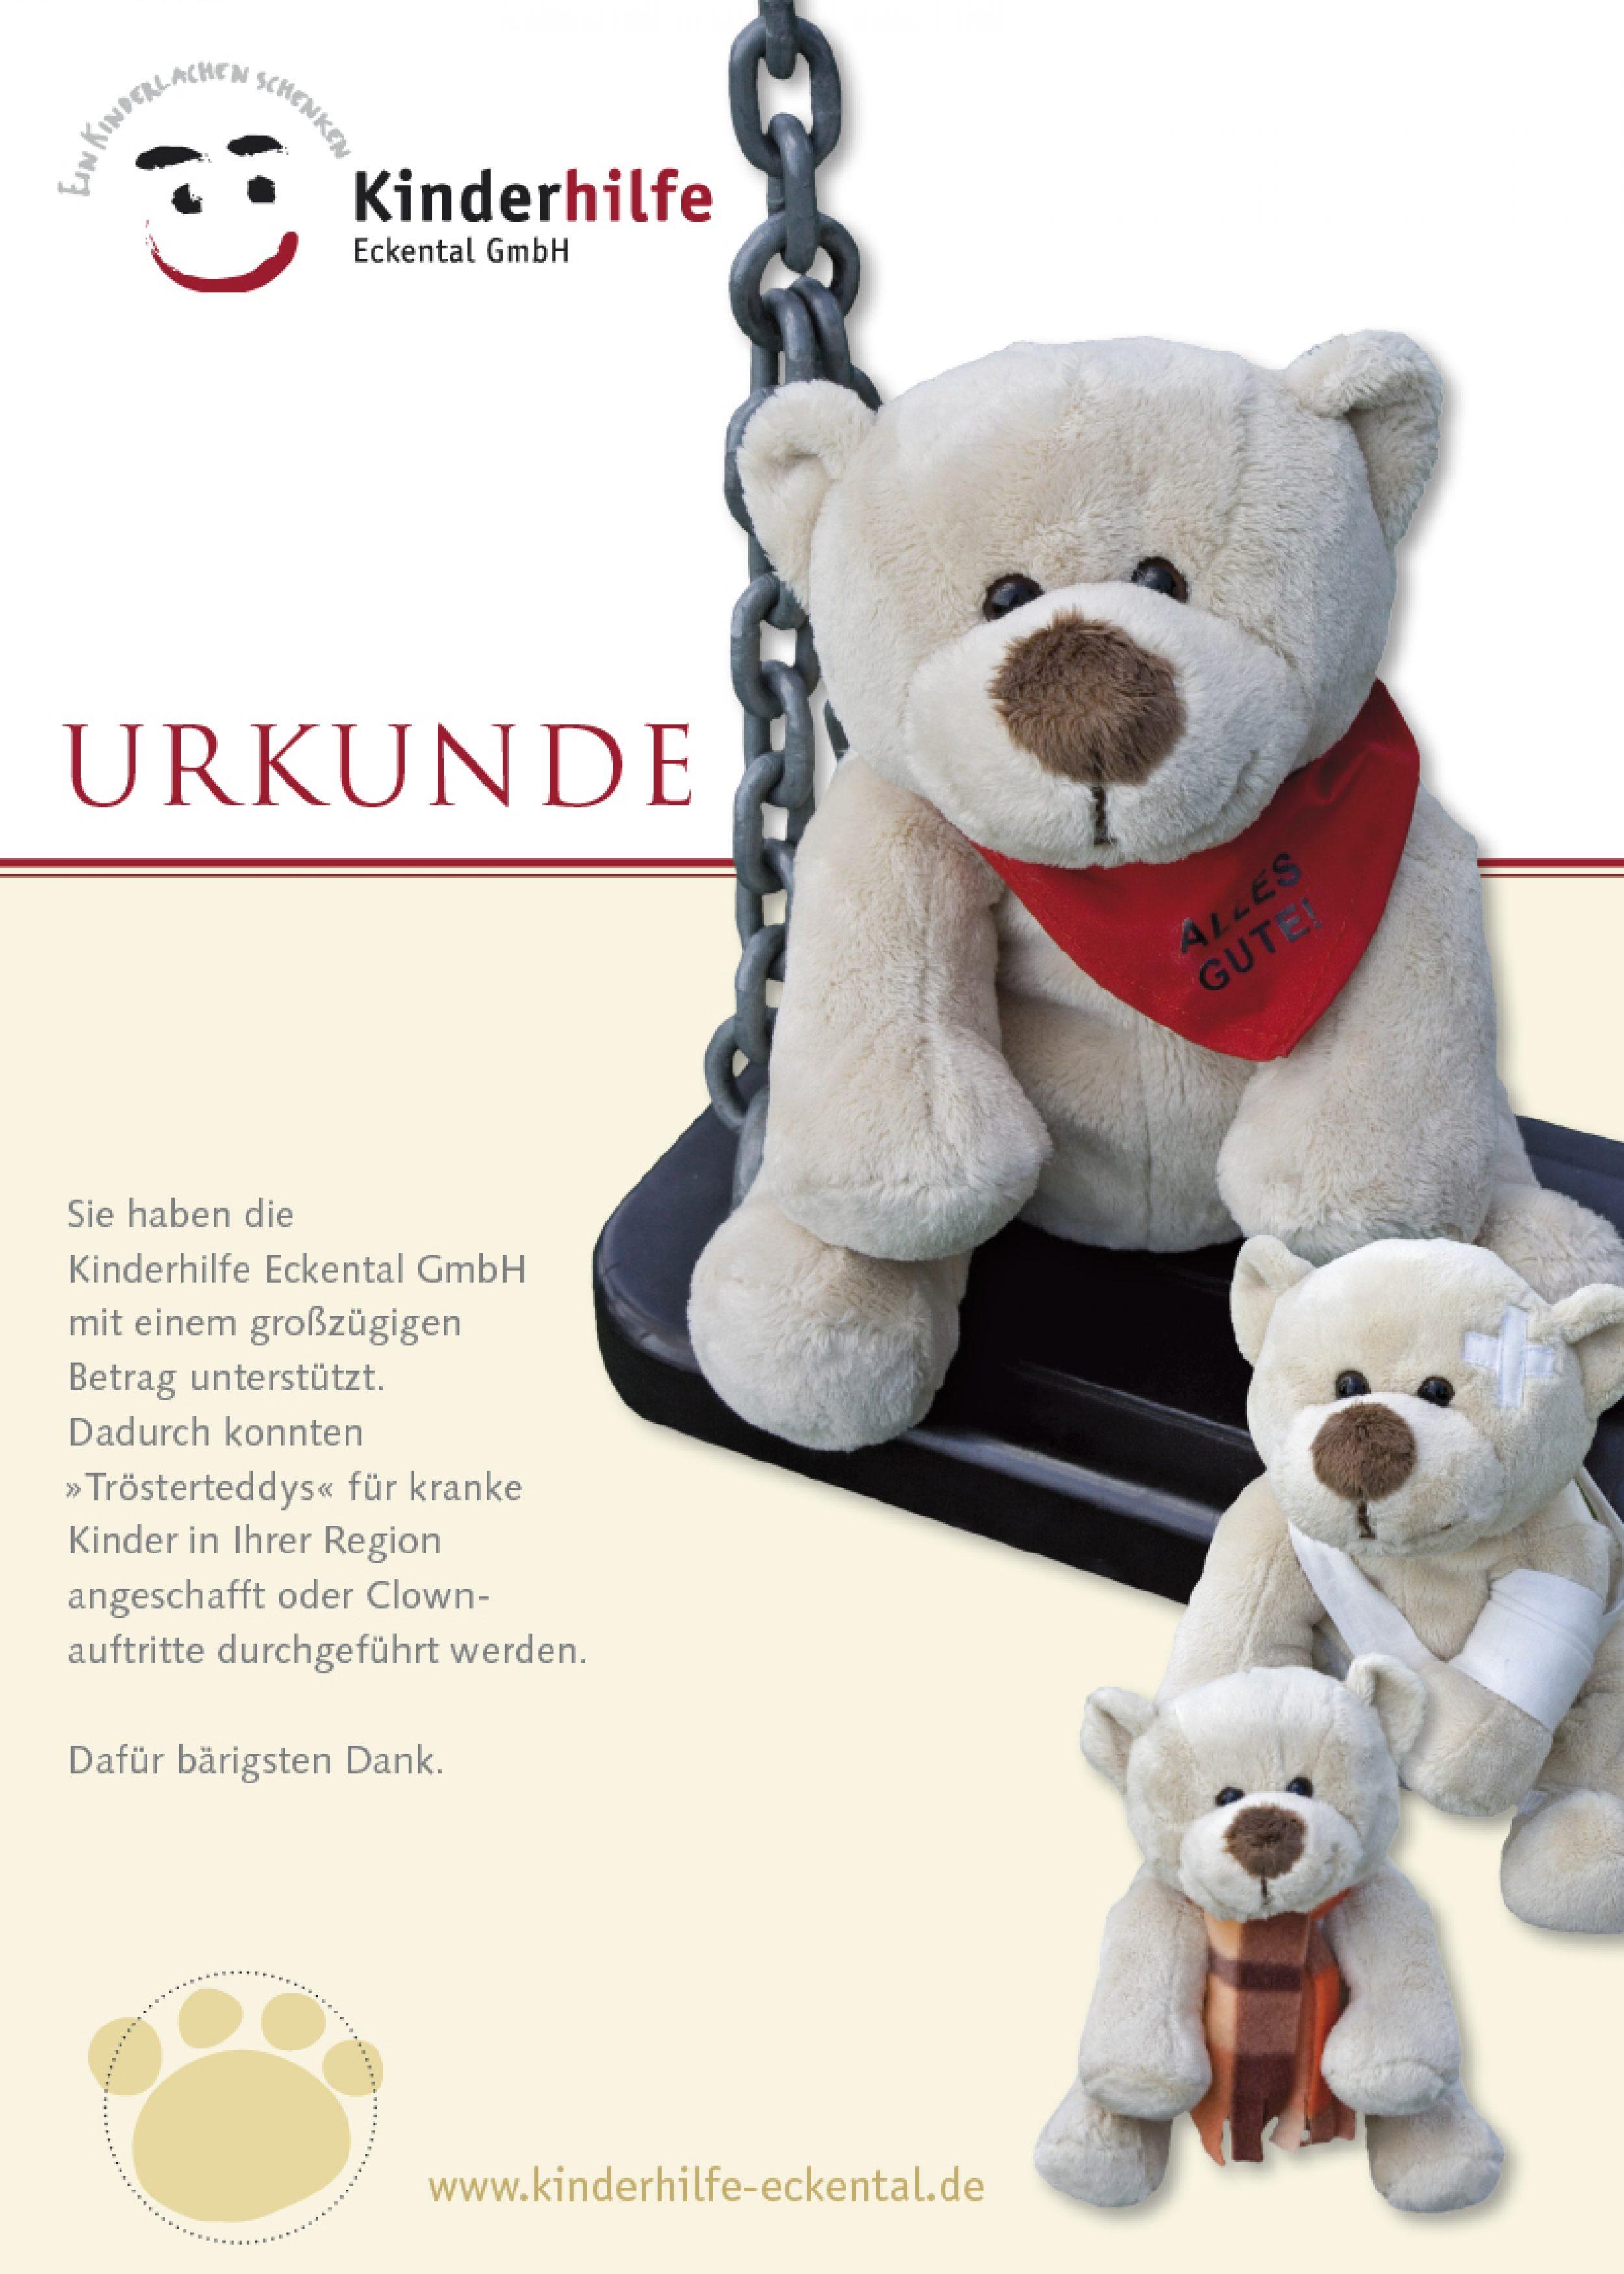 http://www.praxis-xundheit.de/wp-content/uploads/2021/04/Urkunde-neu-2500x3500.jpg